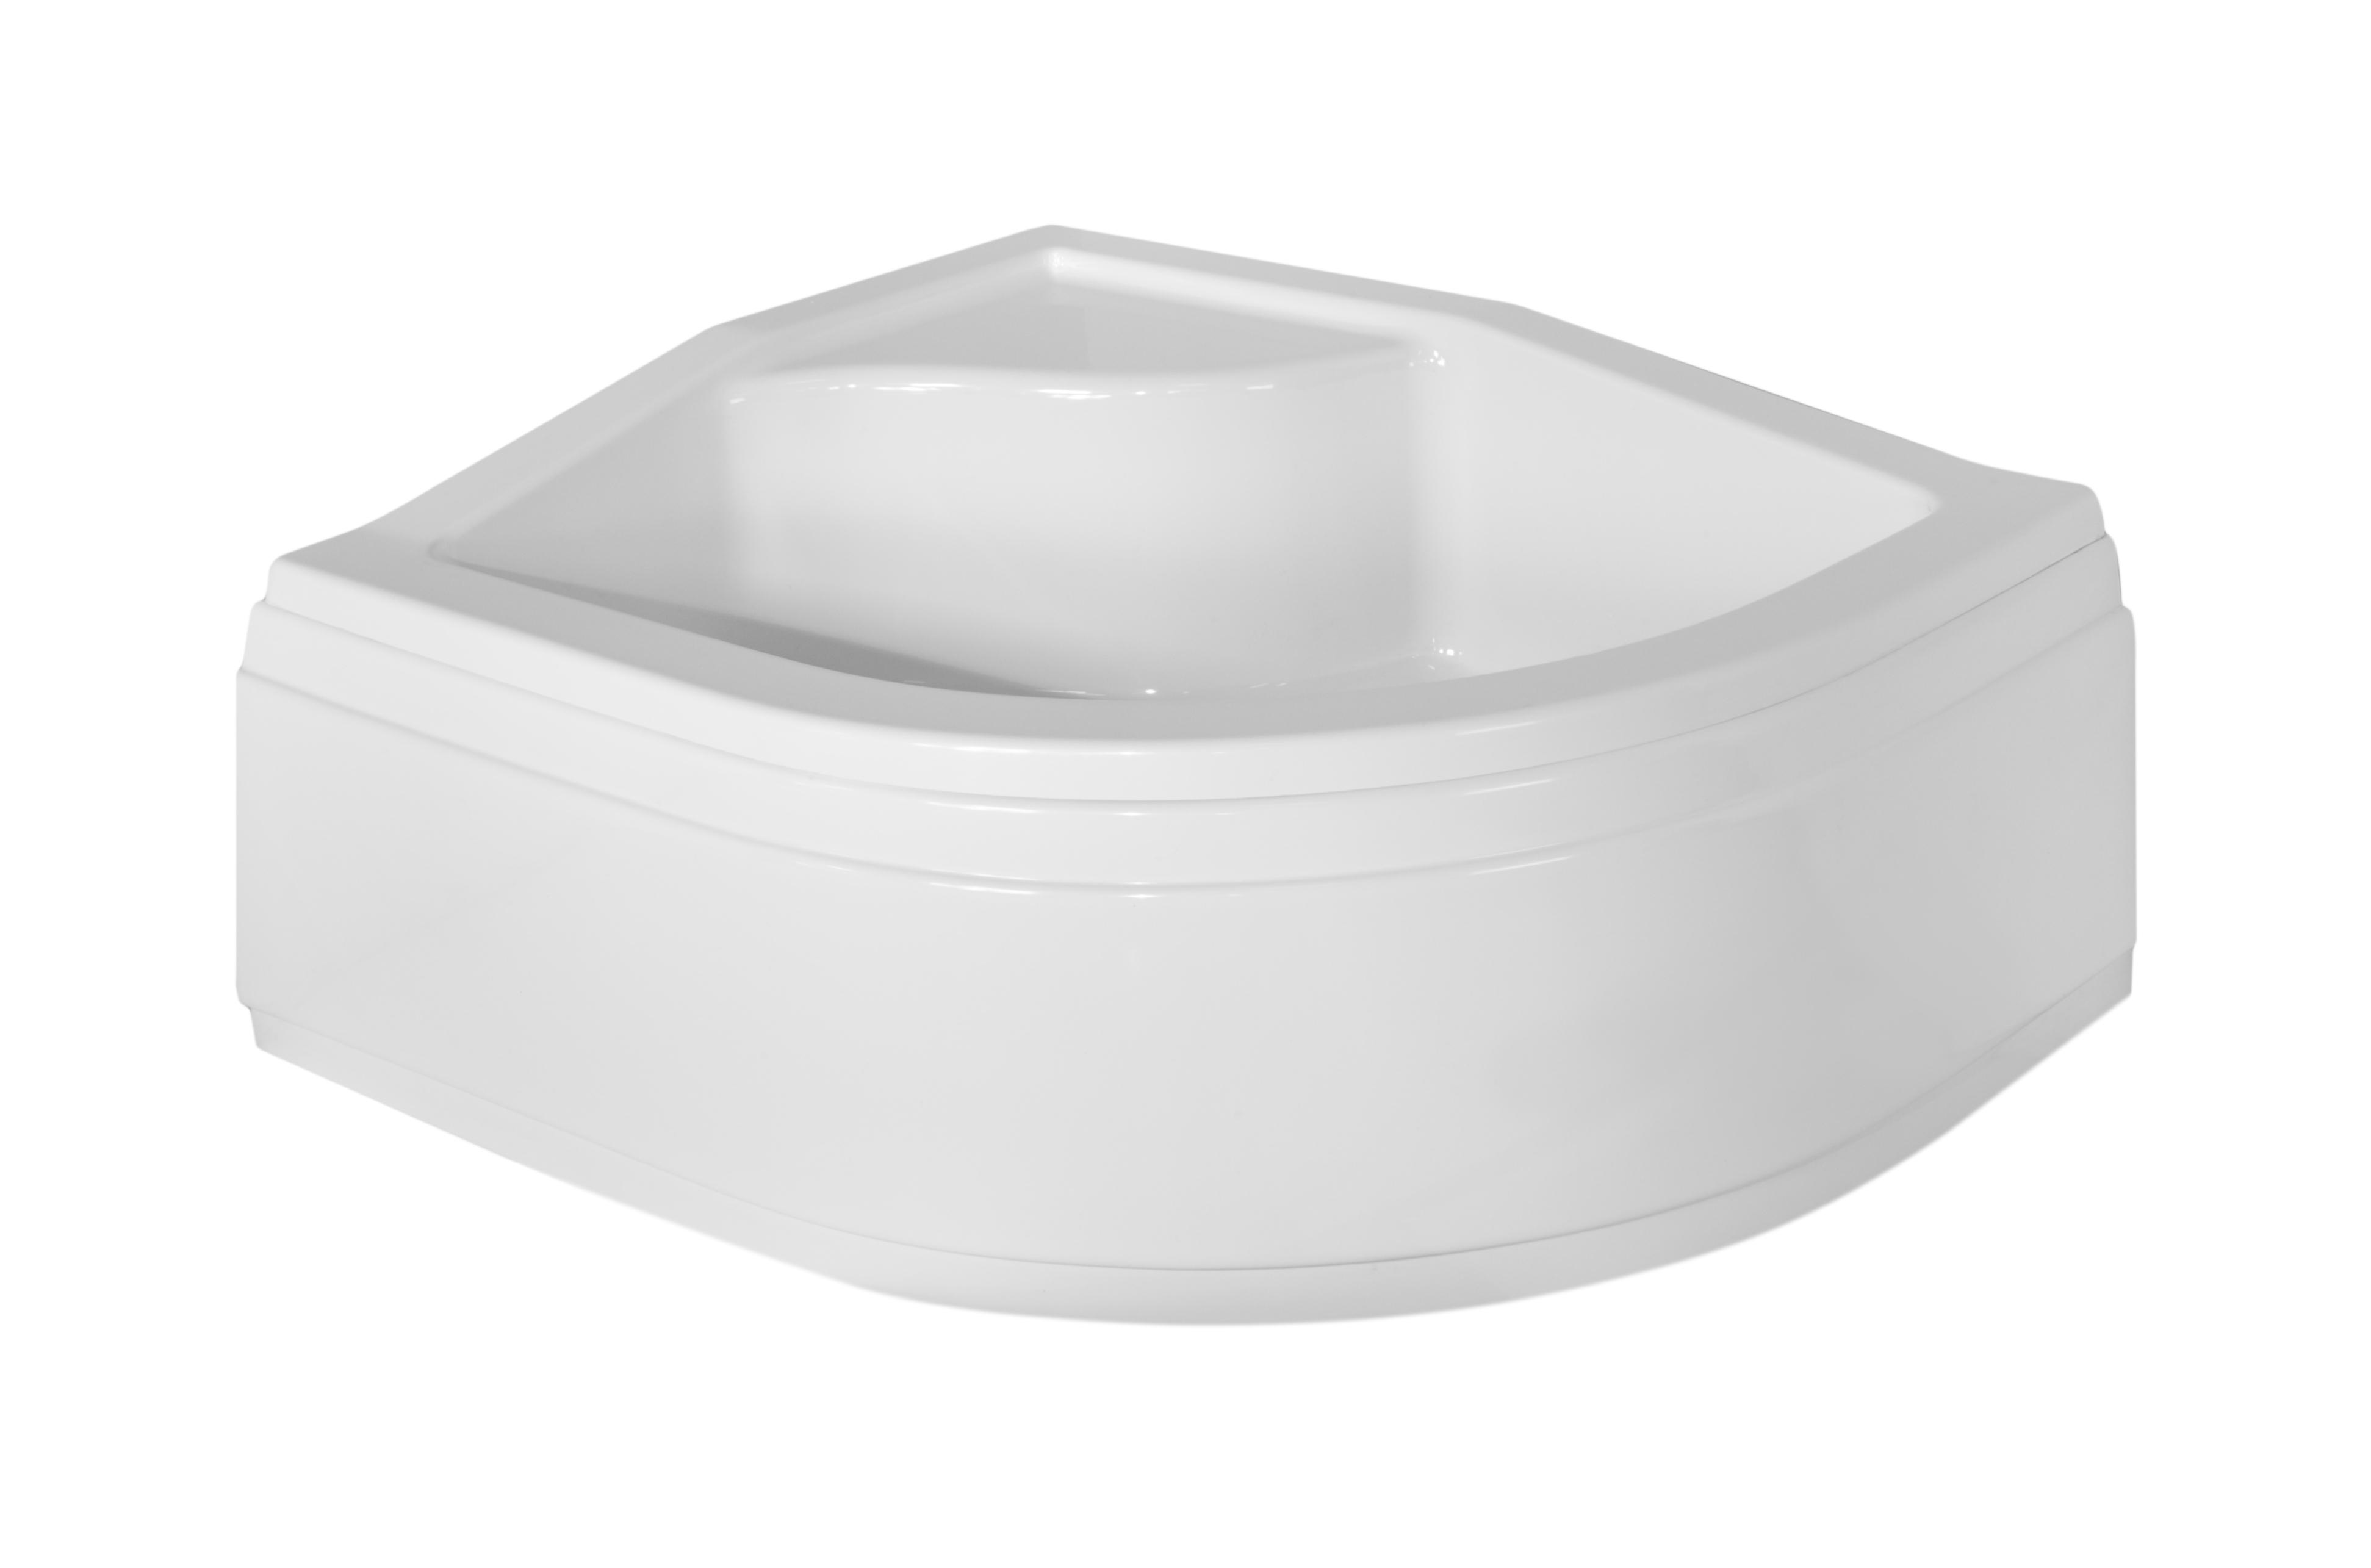 Brodzik asymetryczny Besco Maxi 120P biały 120x85x24 BAM-120-NP